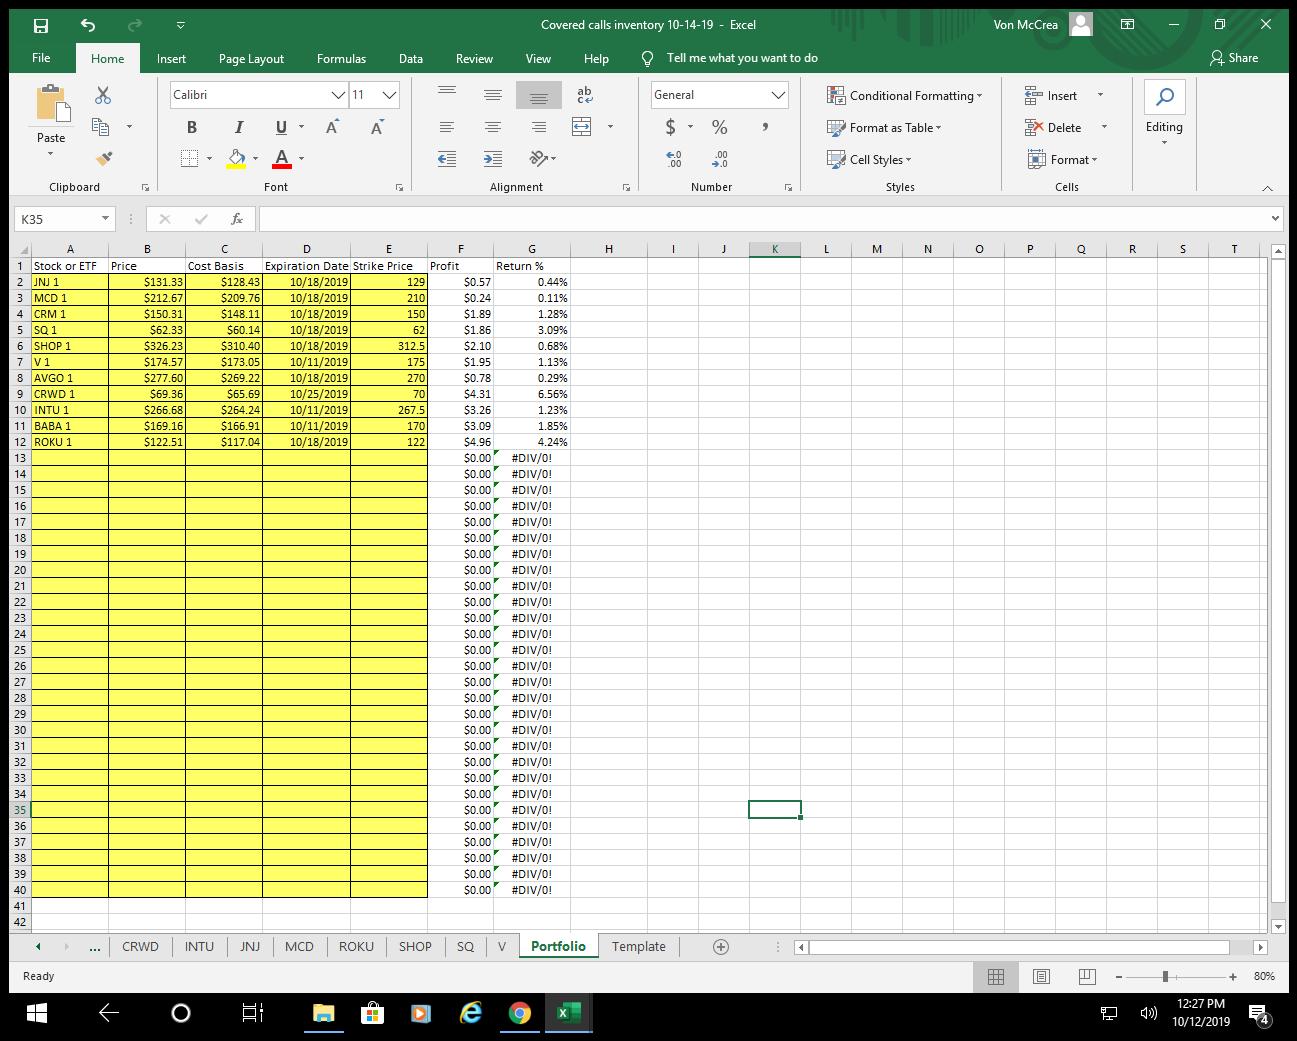 Screen Shot 10-12-19 at 12.28 PM.PNG